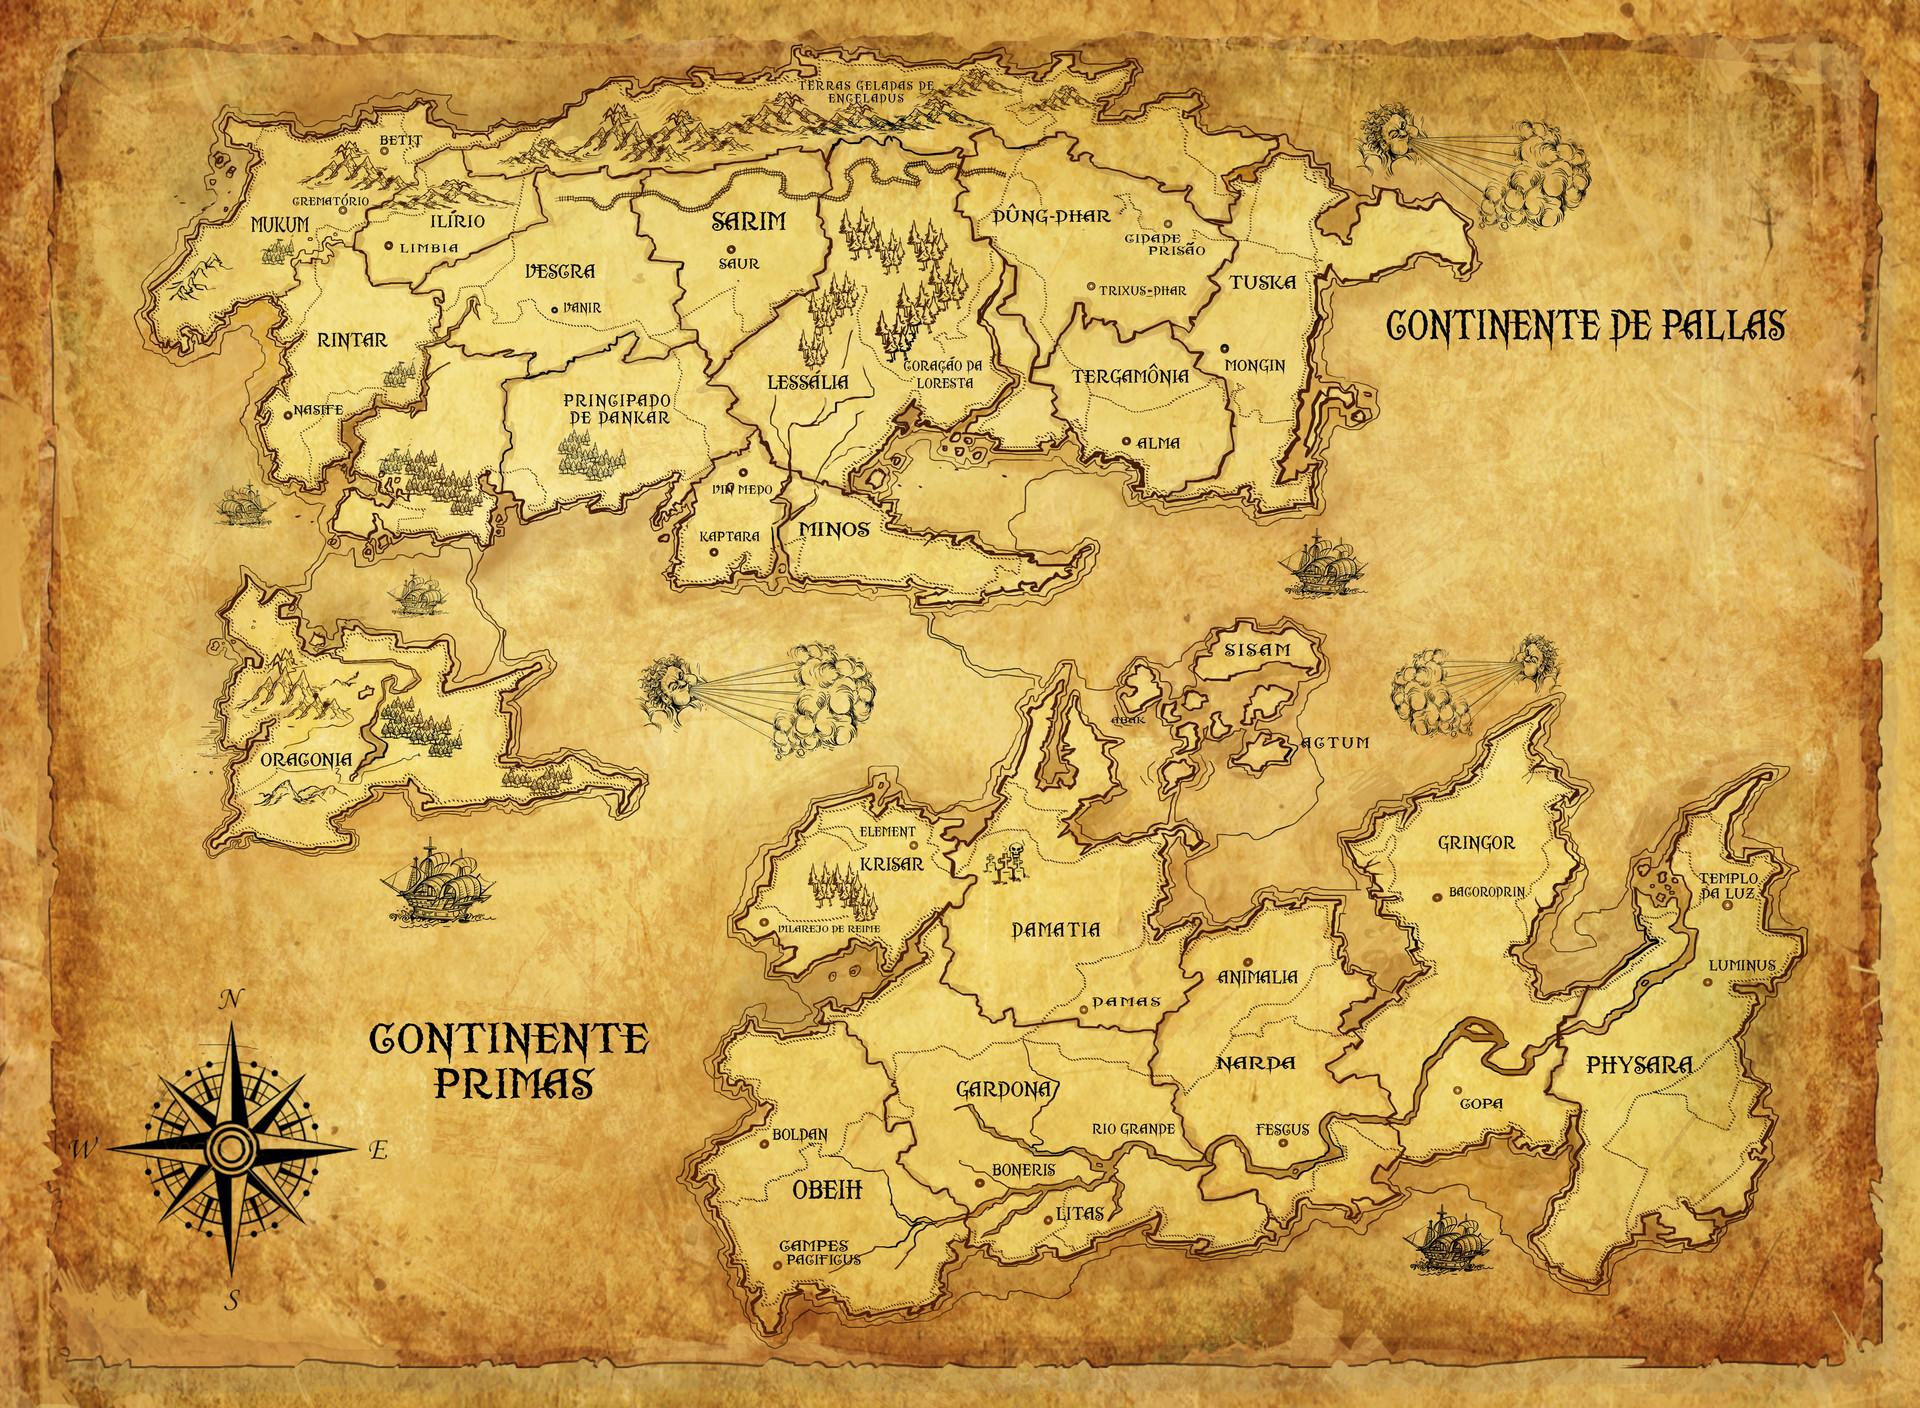 Camaleao camaleao continente mapa final 2